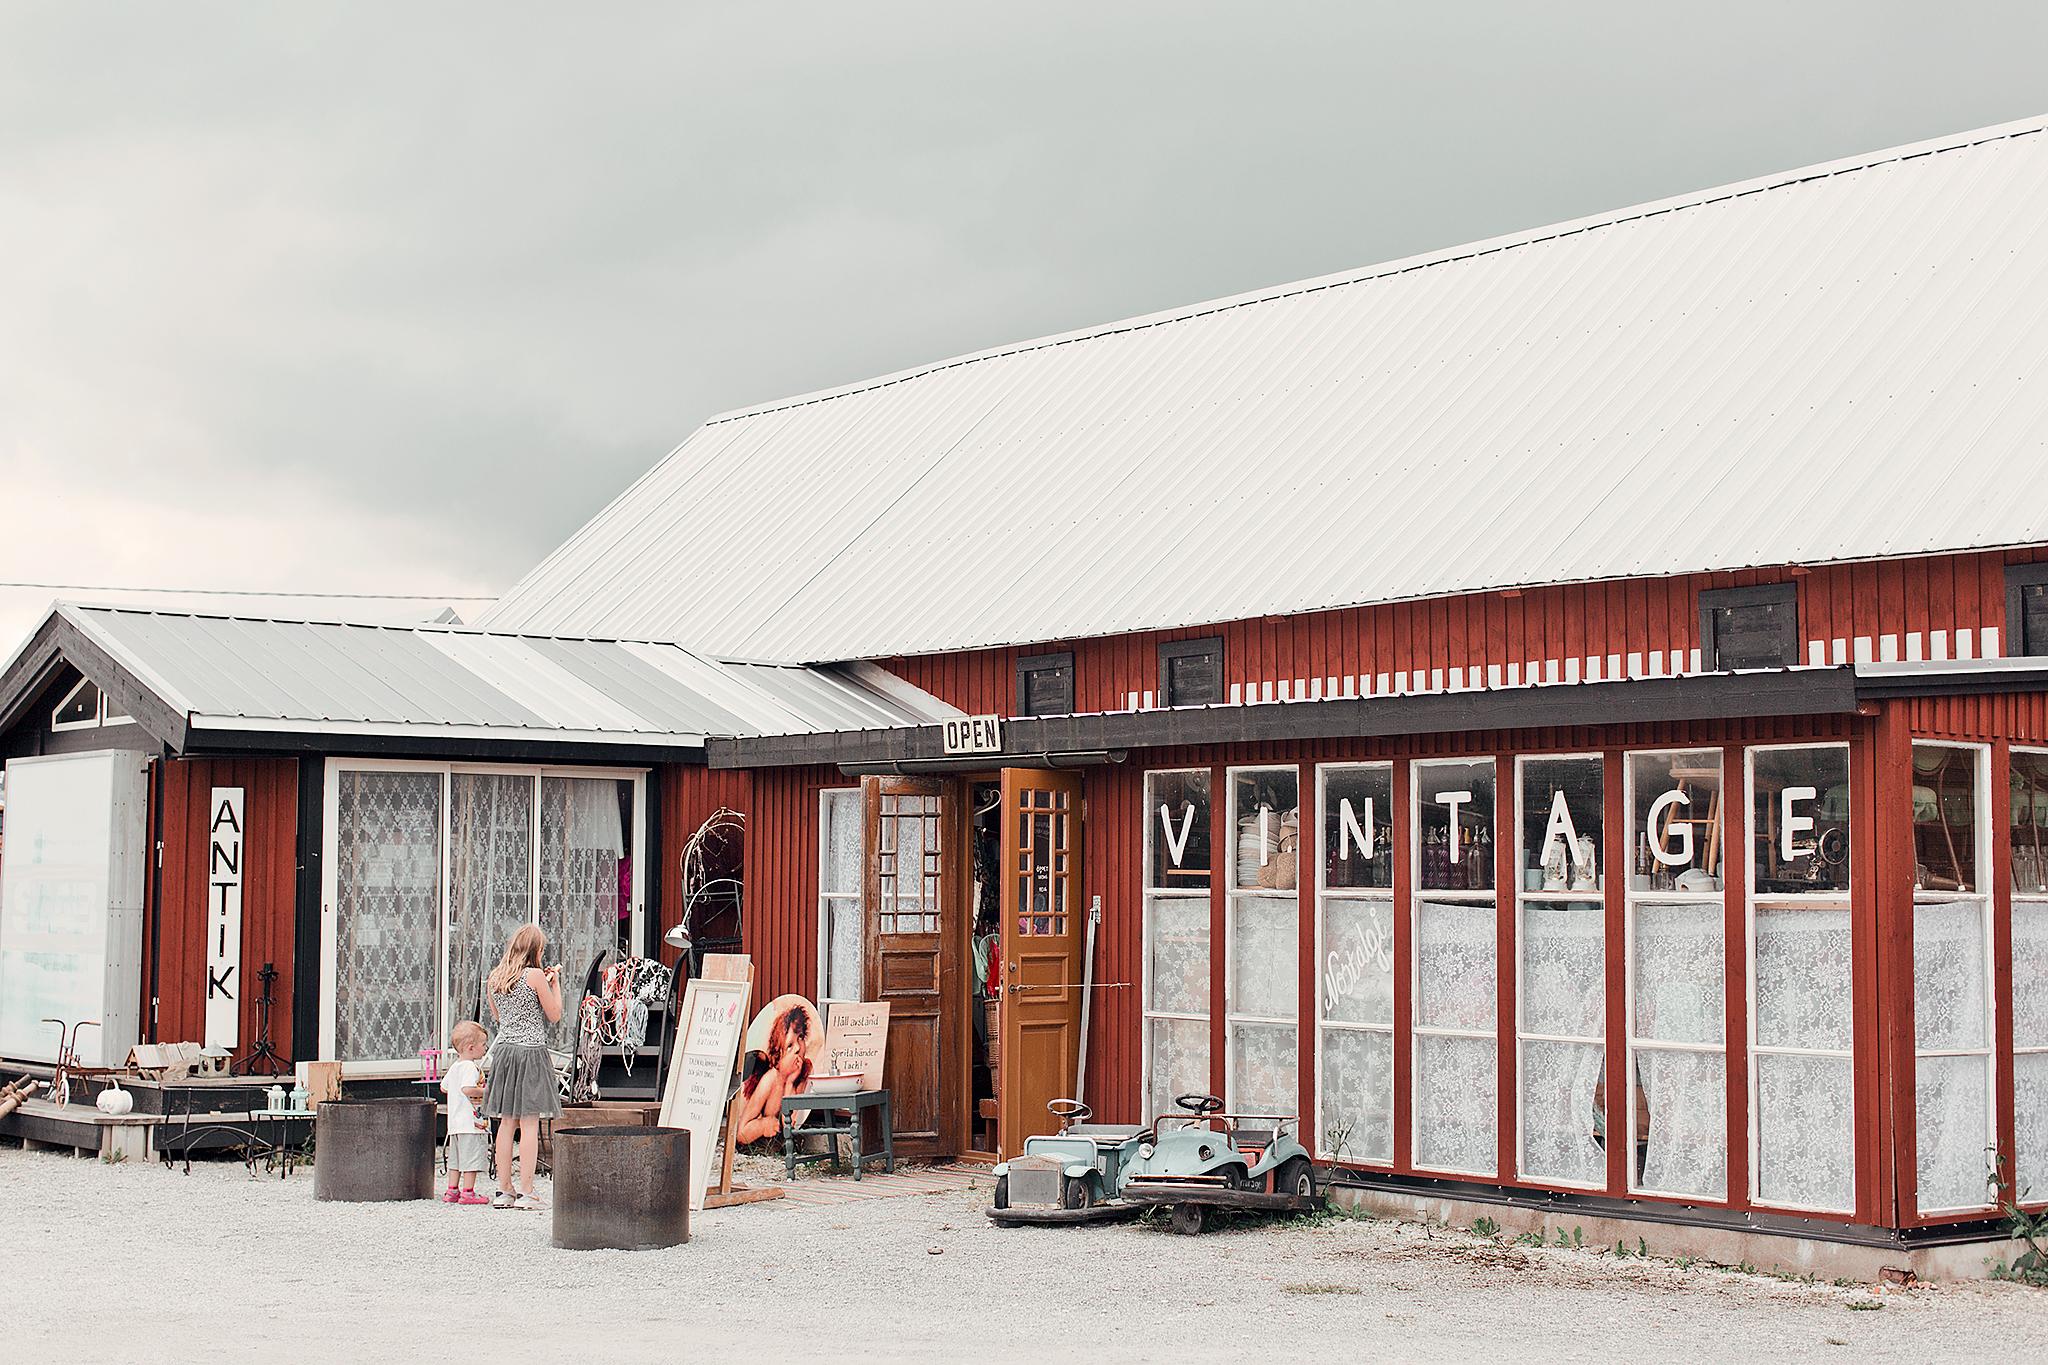 Resedagbok Gotland: Toftalagret